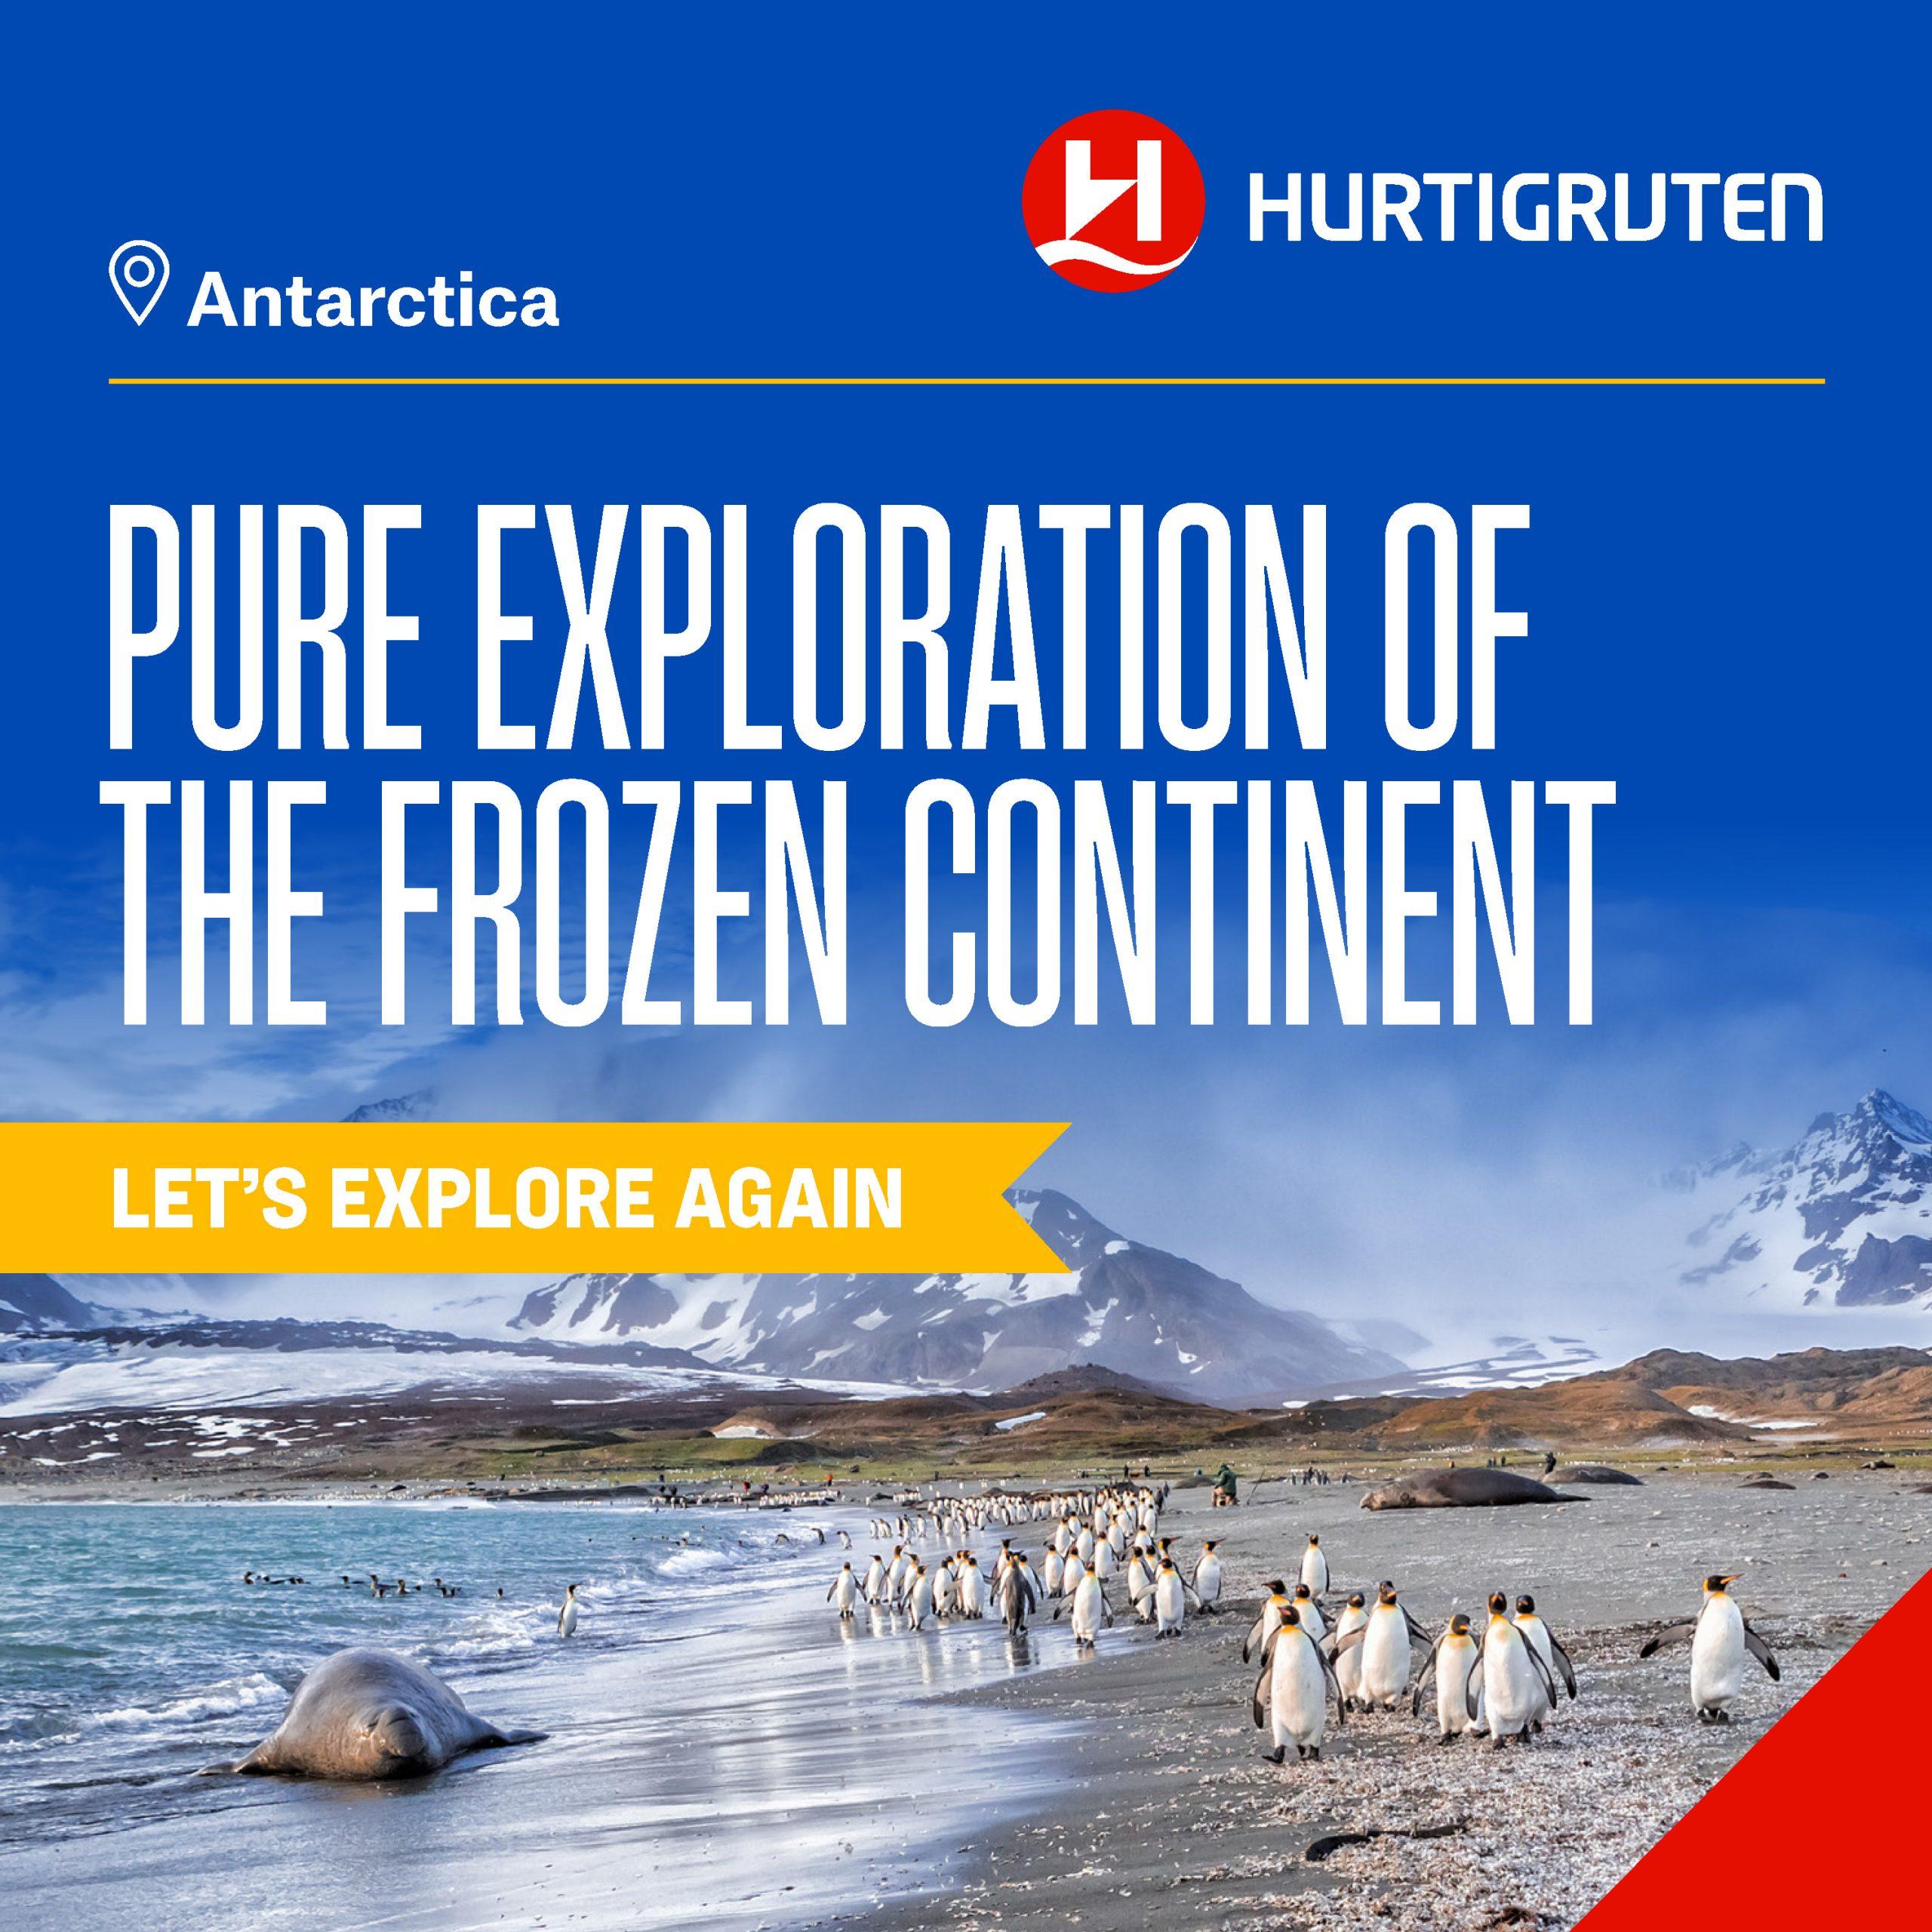 Hurtigruten Antarctica Expeditions